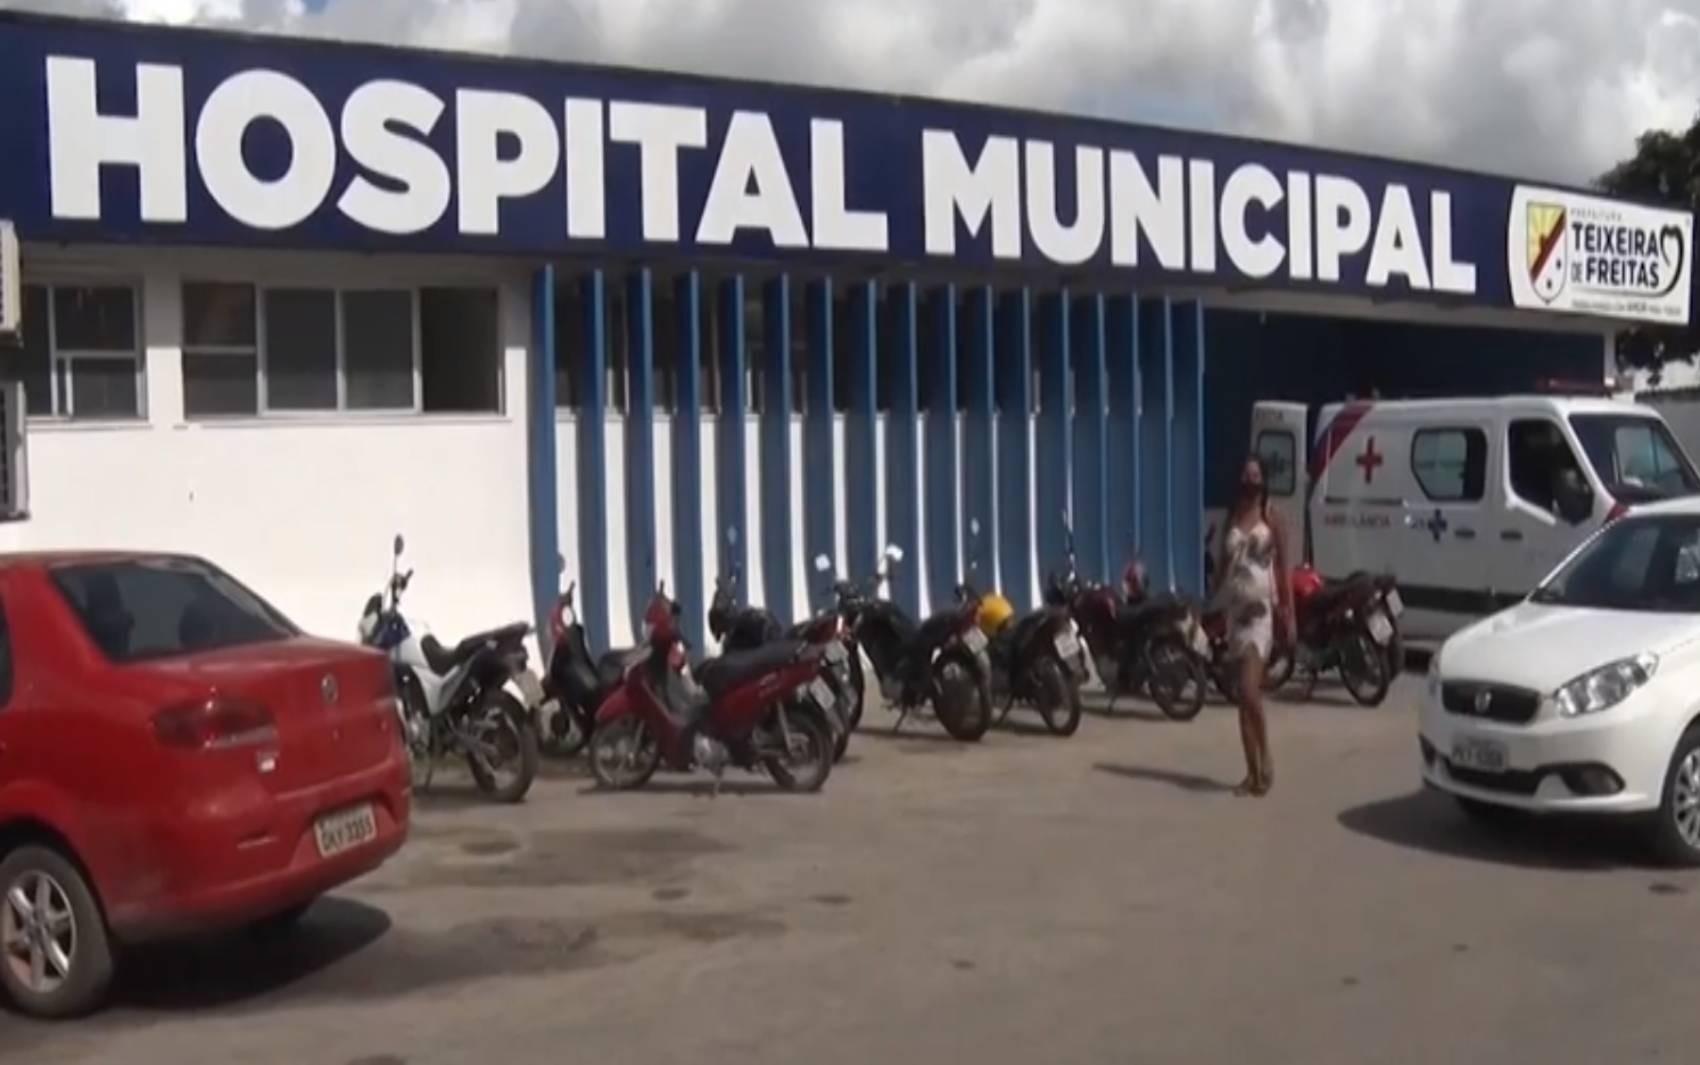 Homem suspeito de matar mulher a pauladas é preso em Teixeira de Freitas, extremo sul da Bahia